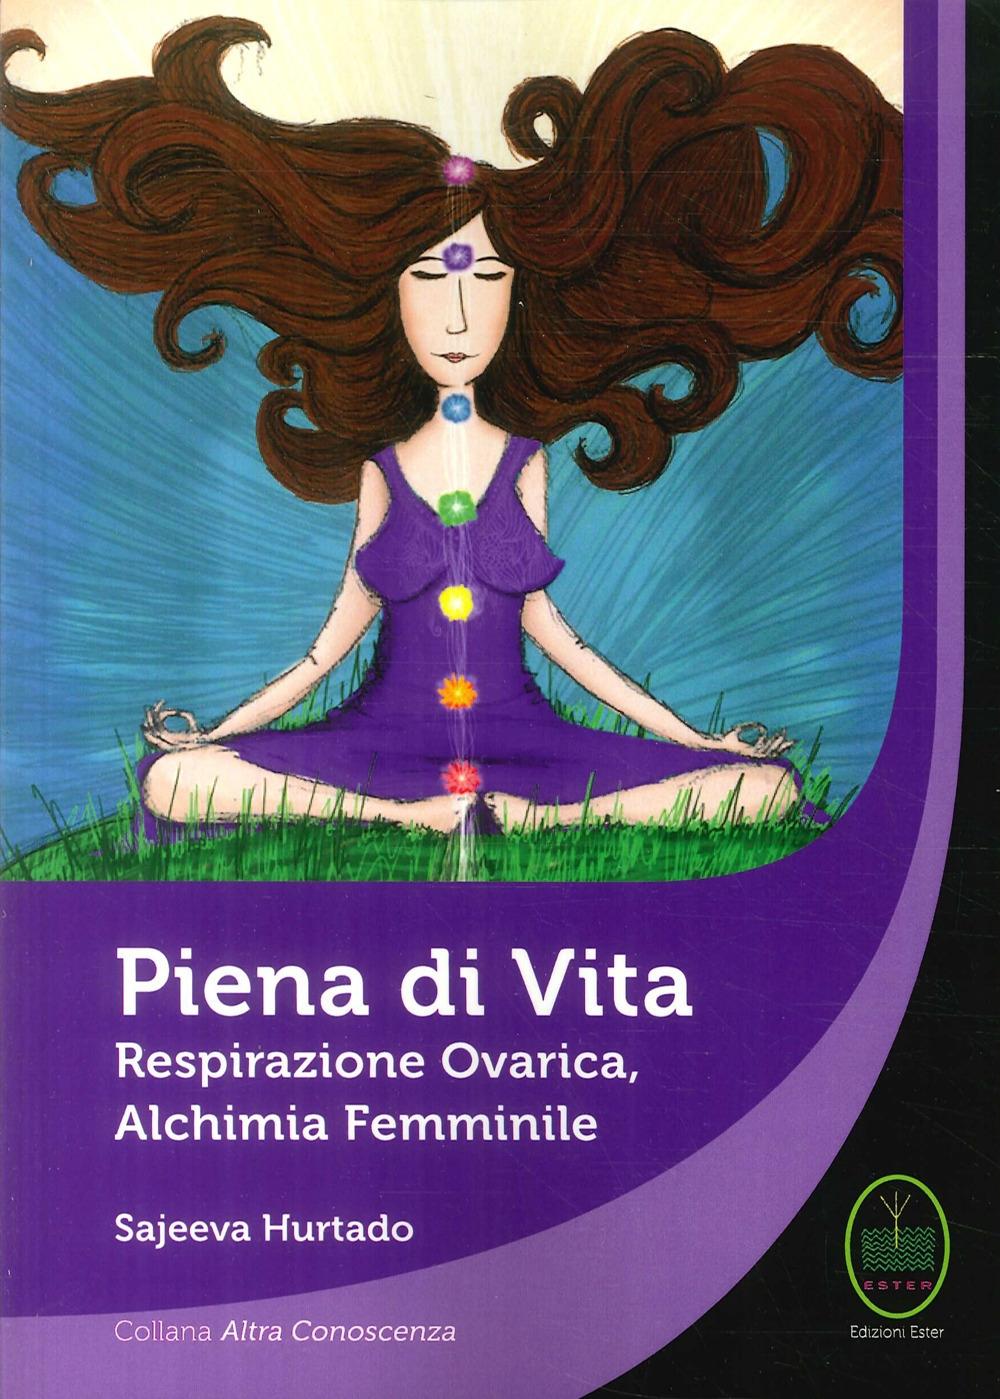 Piena di Vita. Respirazione ovarica, alchimia femminile.